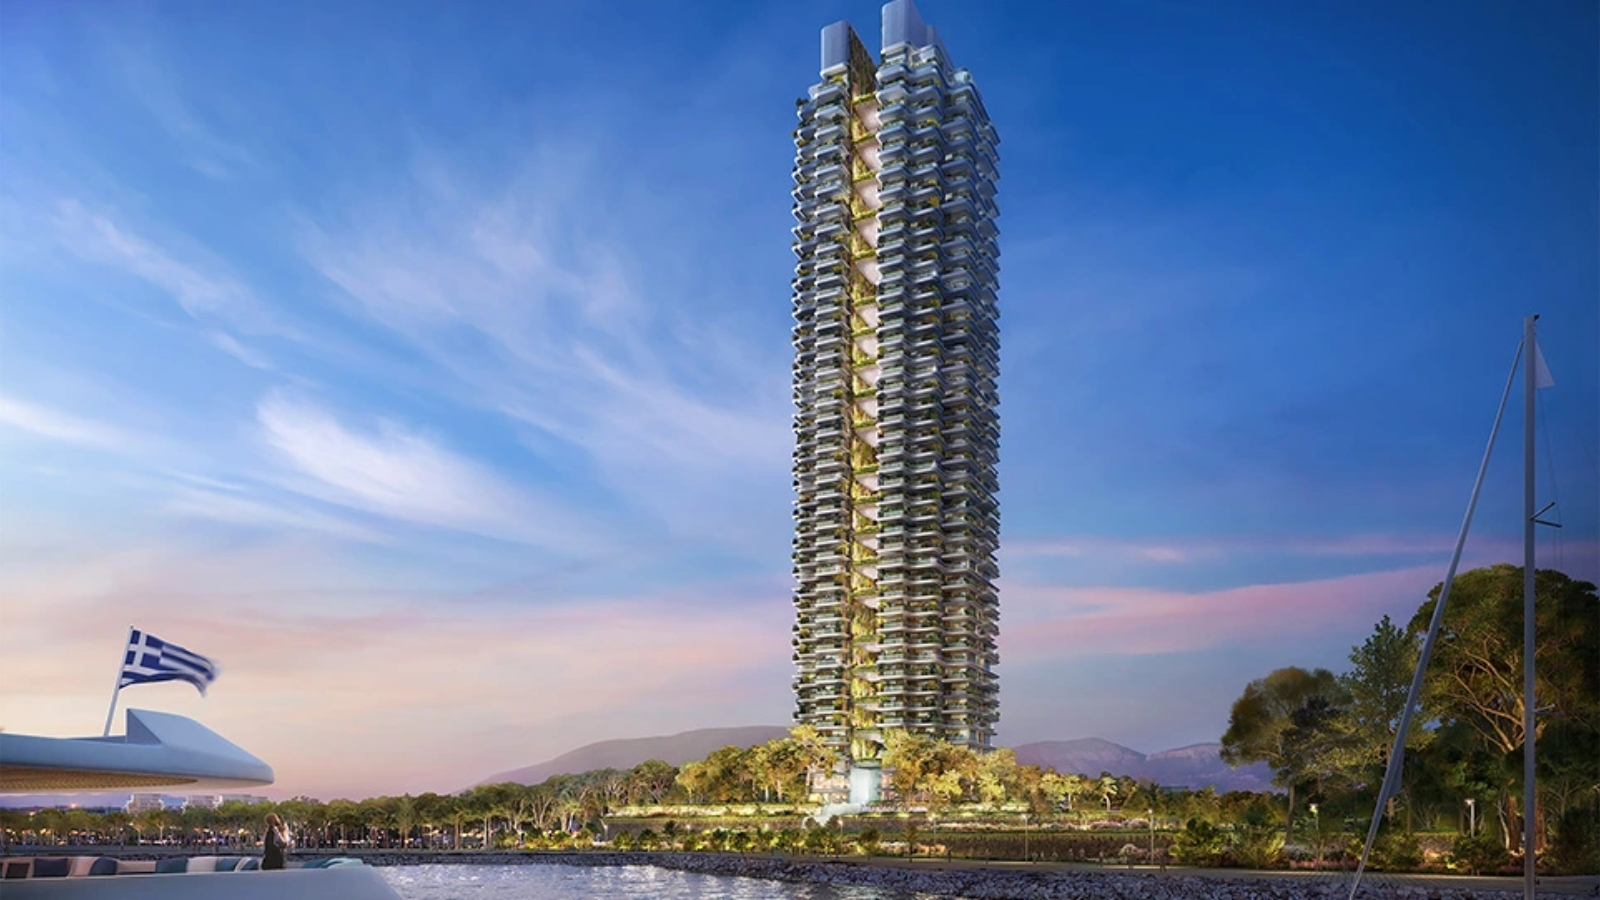 Έτσι θα είναι ο Marina Tower στο Ελληνικό: Ο πρώτος «πράσινος» ουρανοξύστης στην Ελλάδα